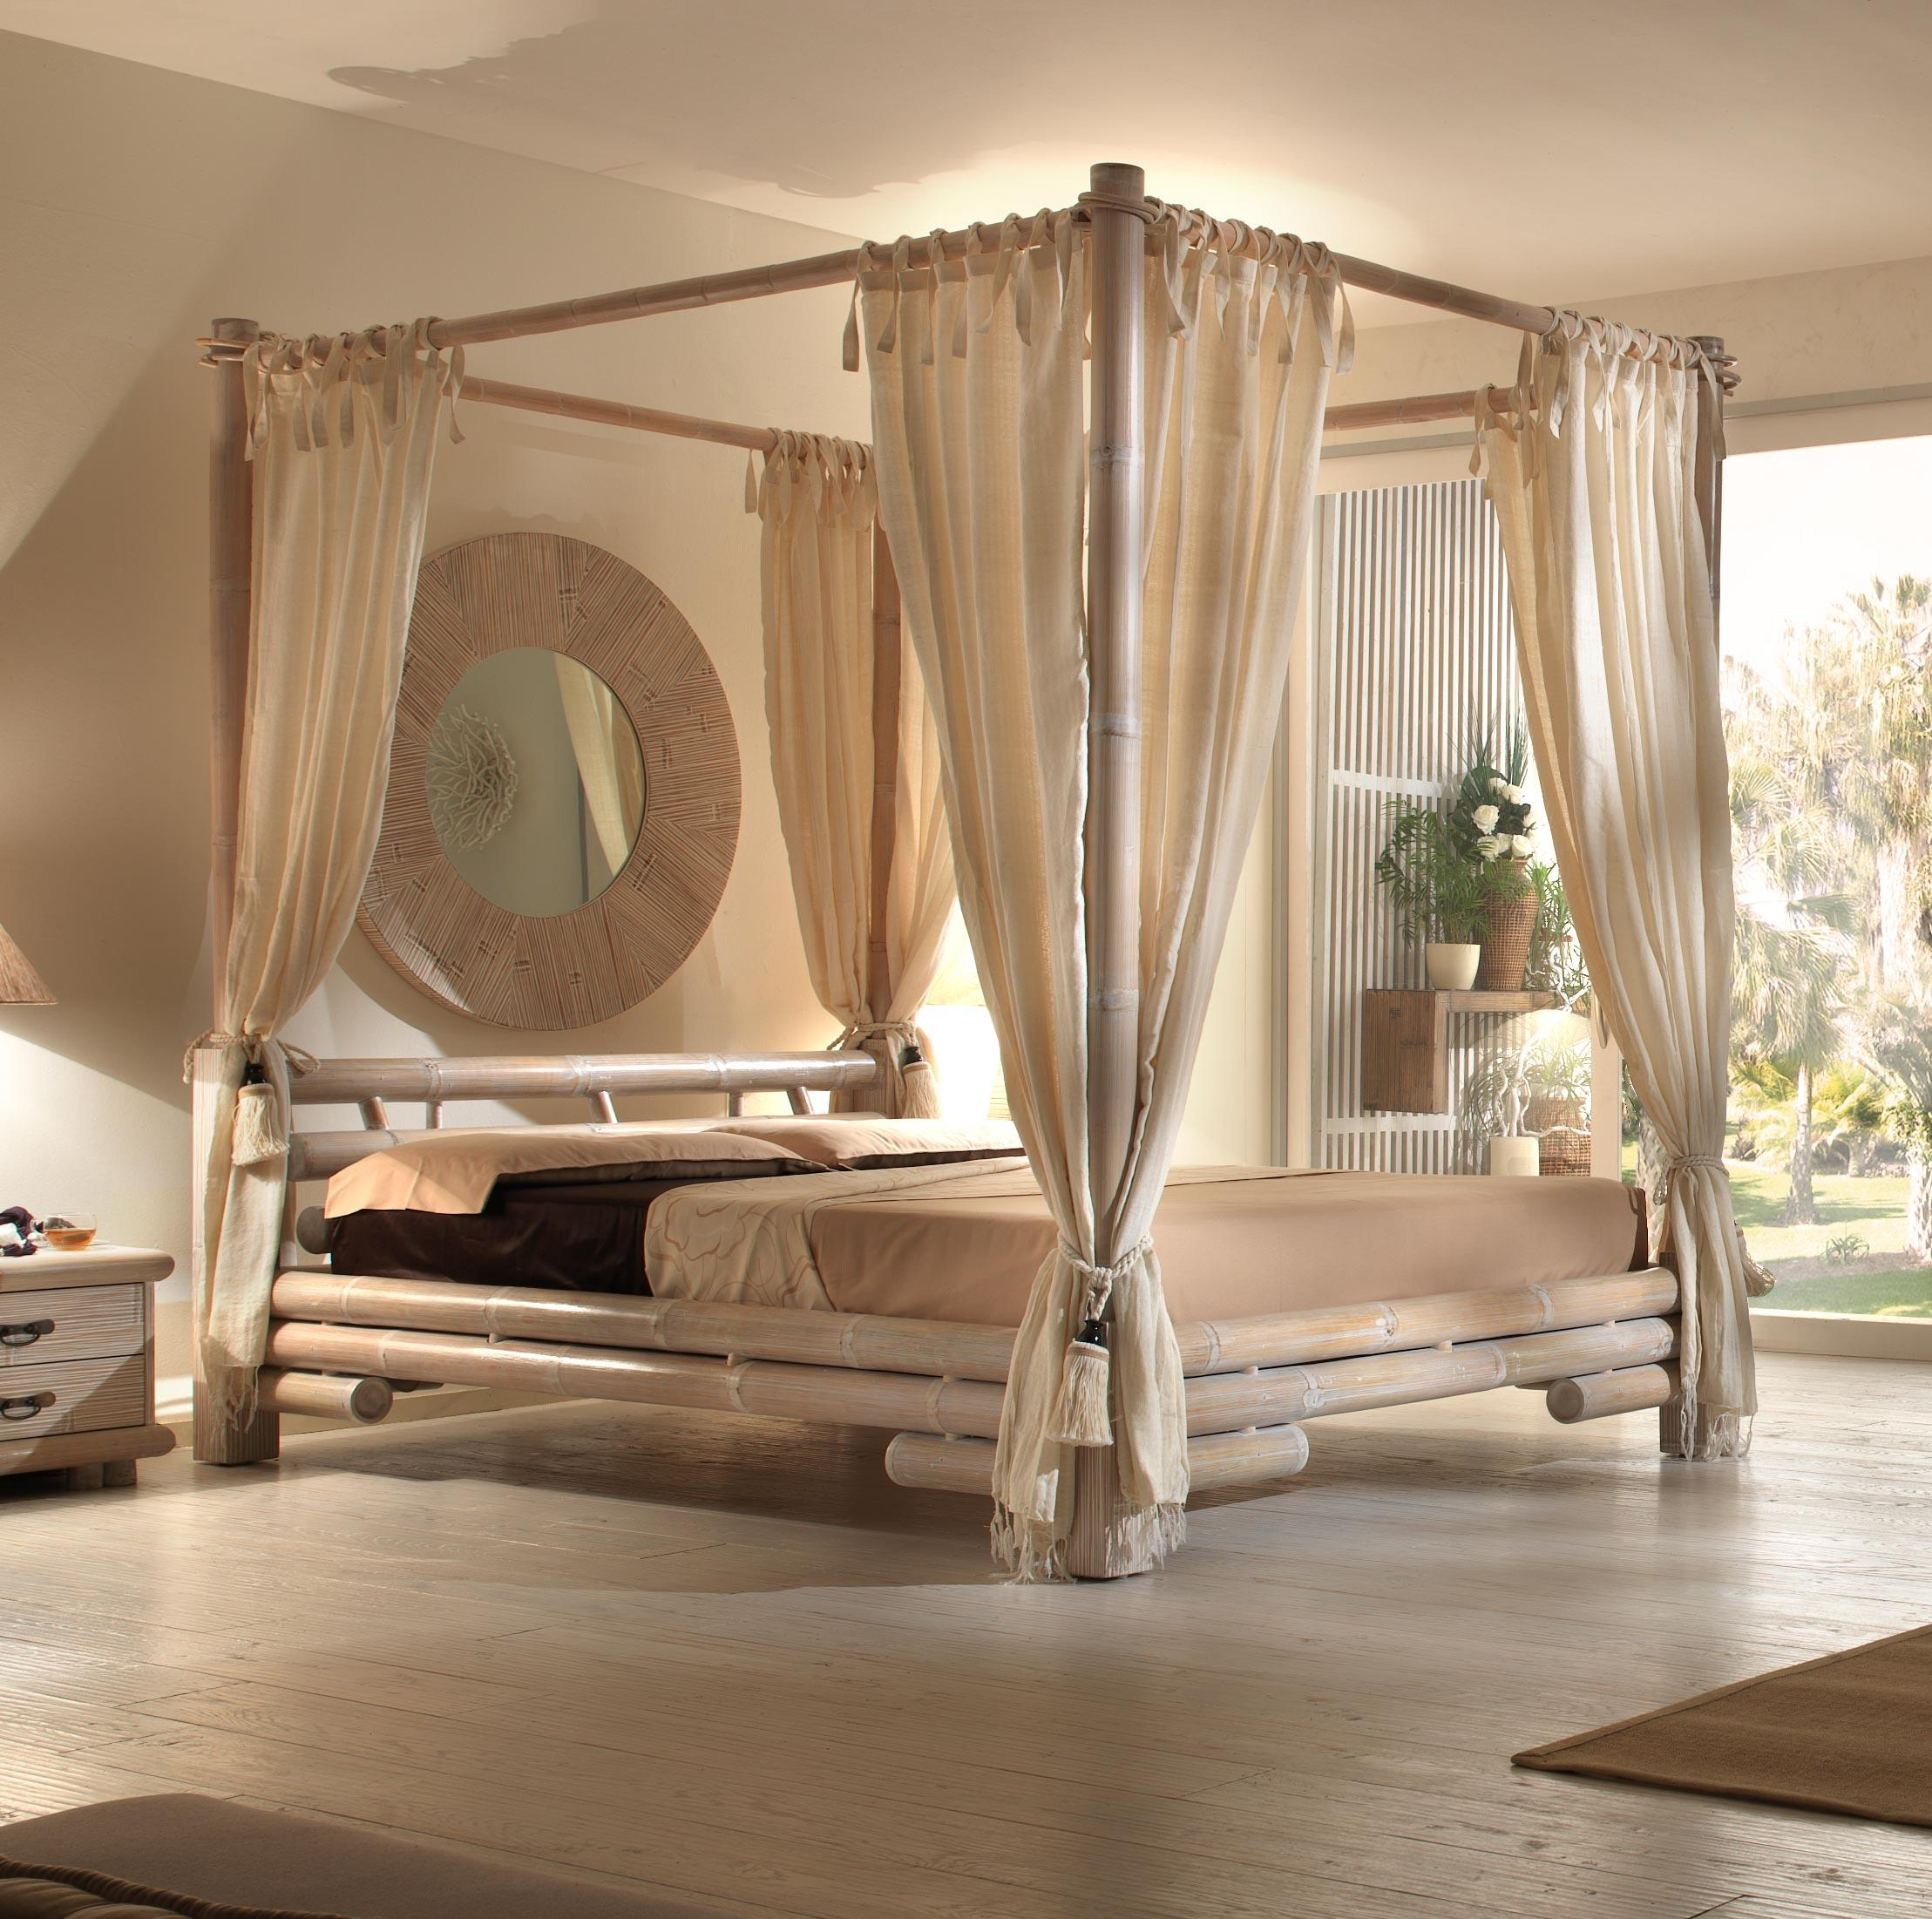 Балдахин над кроватью из бамбука